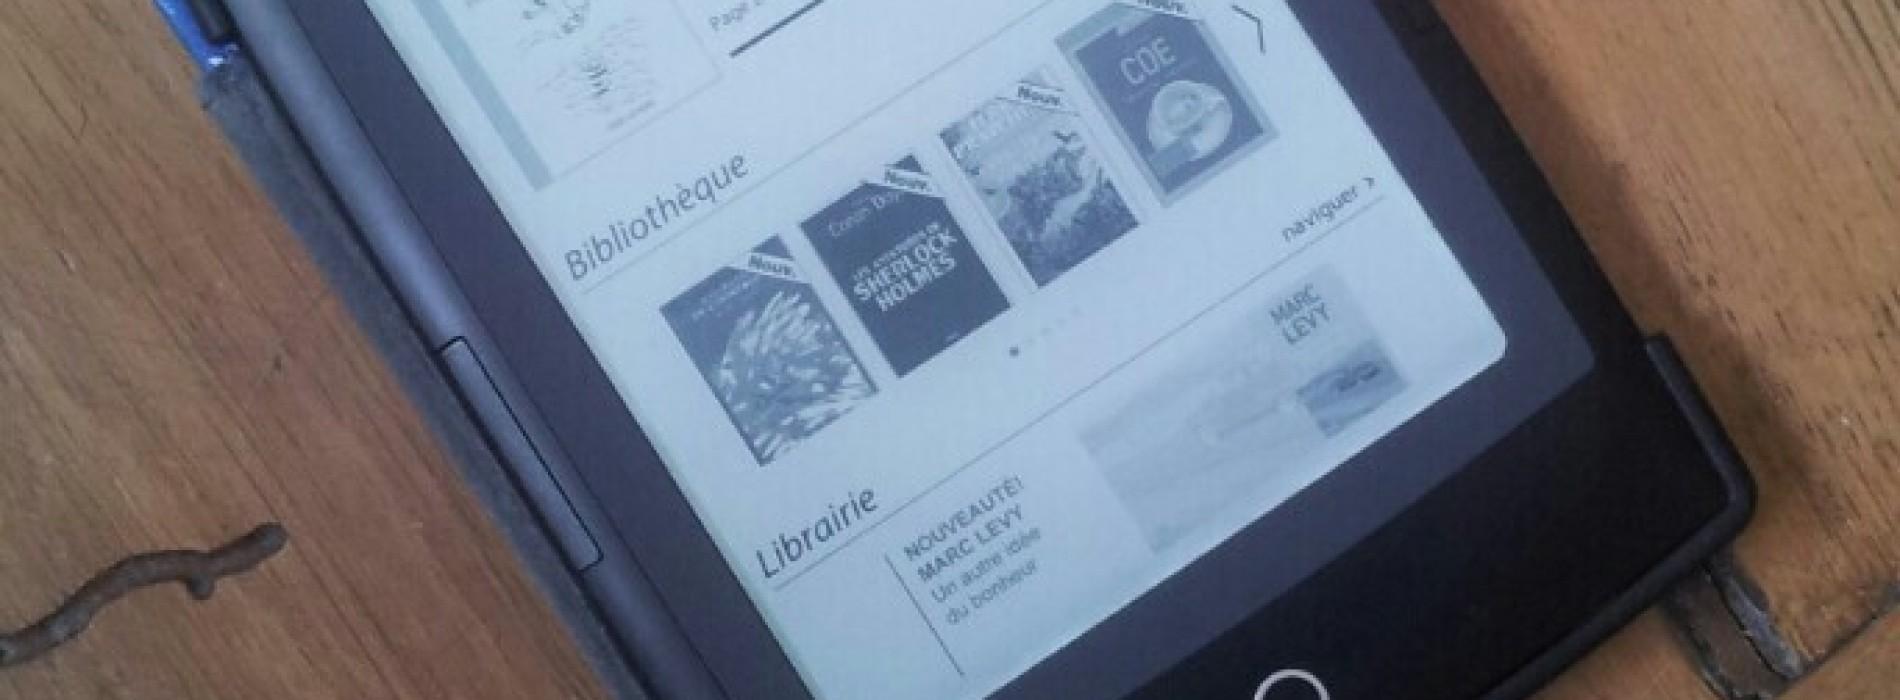 Majitelé čtečky Cybook Odyssey – staňte se betatestery!